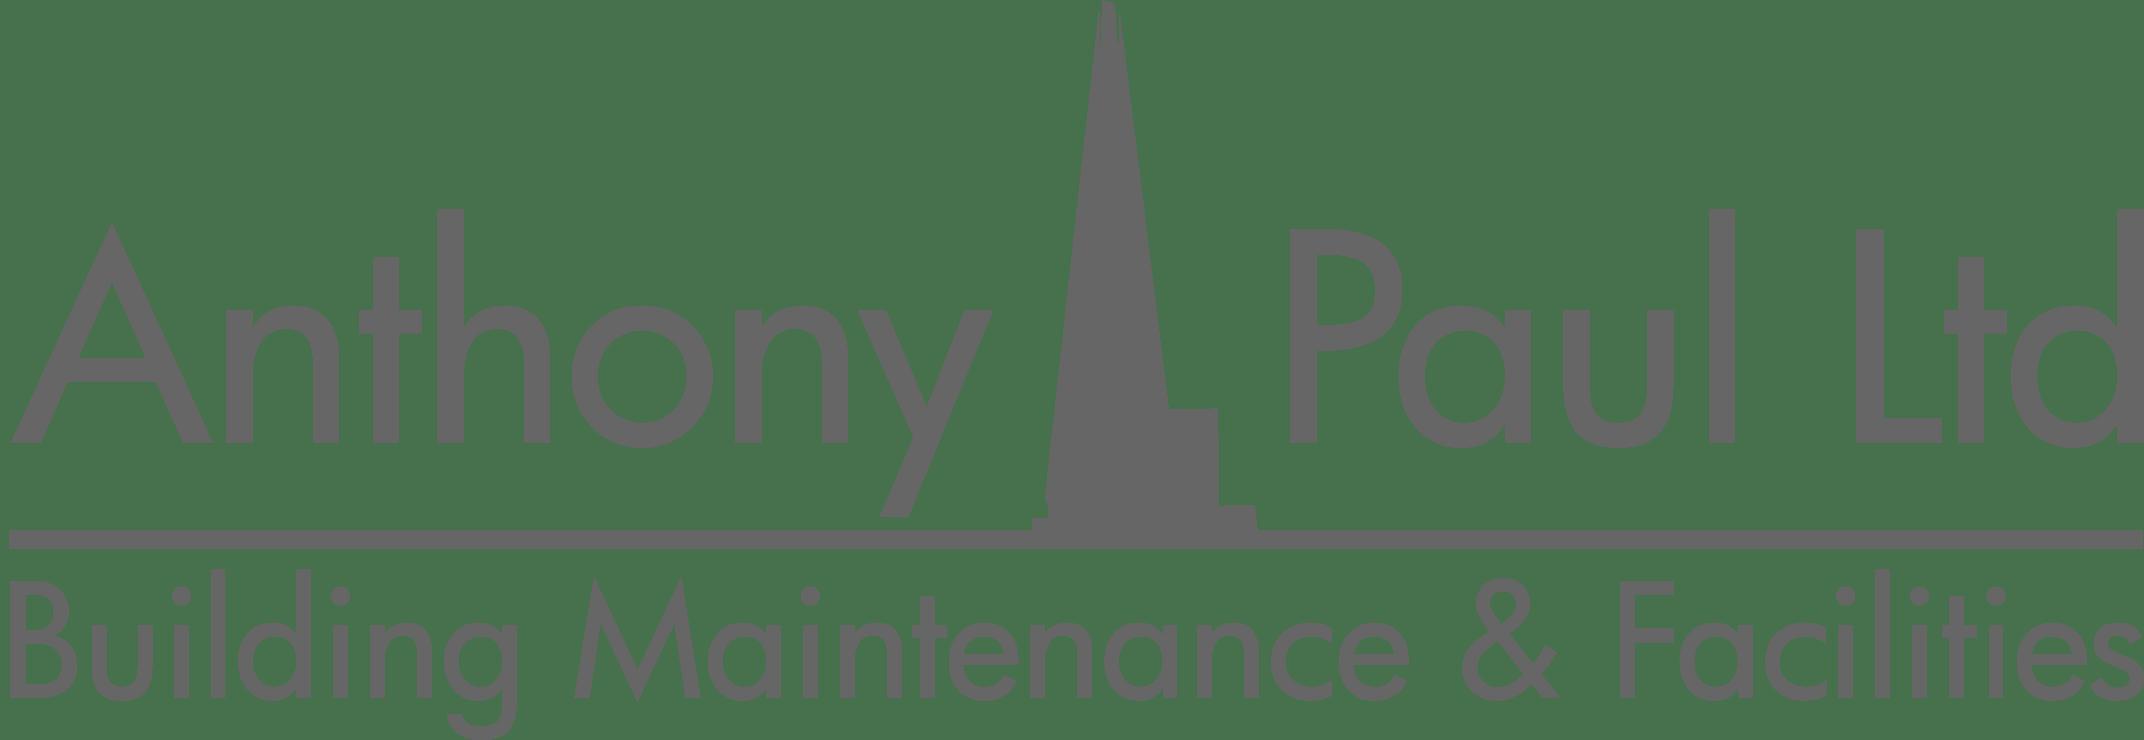 Anthony L Paul Building Maintenance Ltd